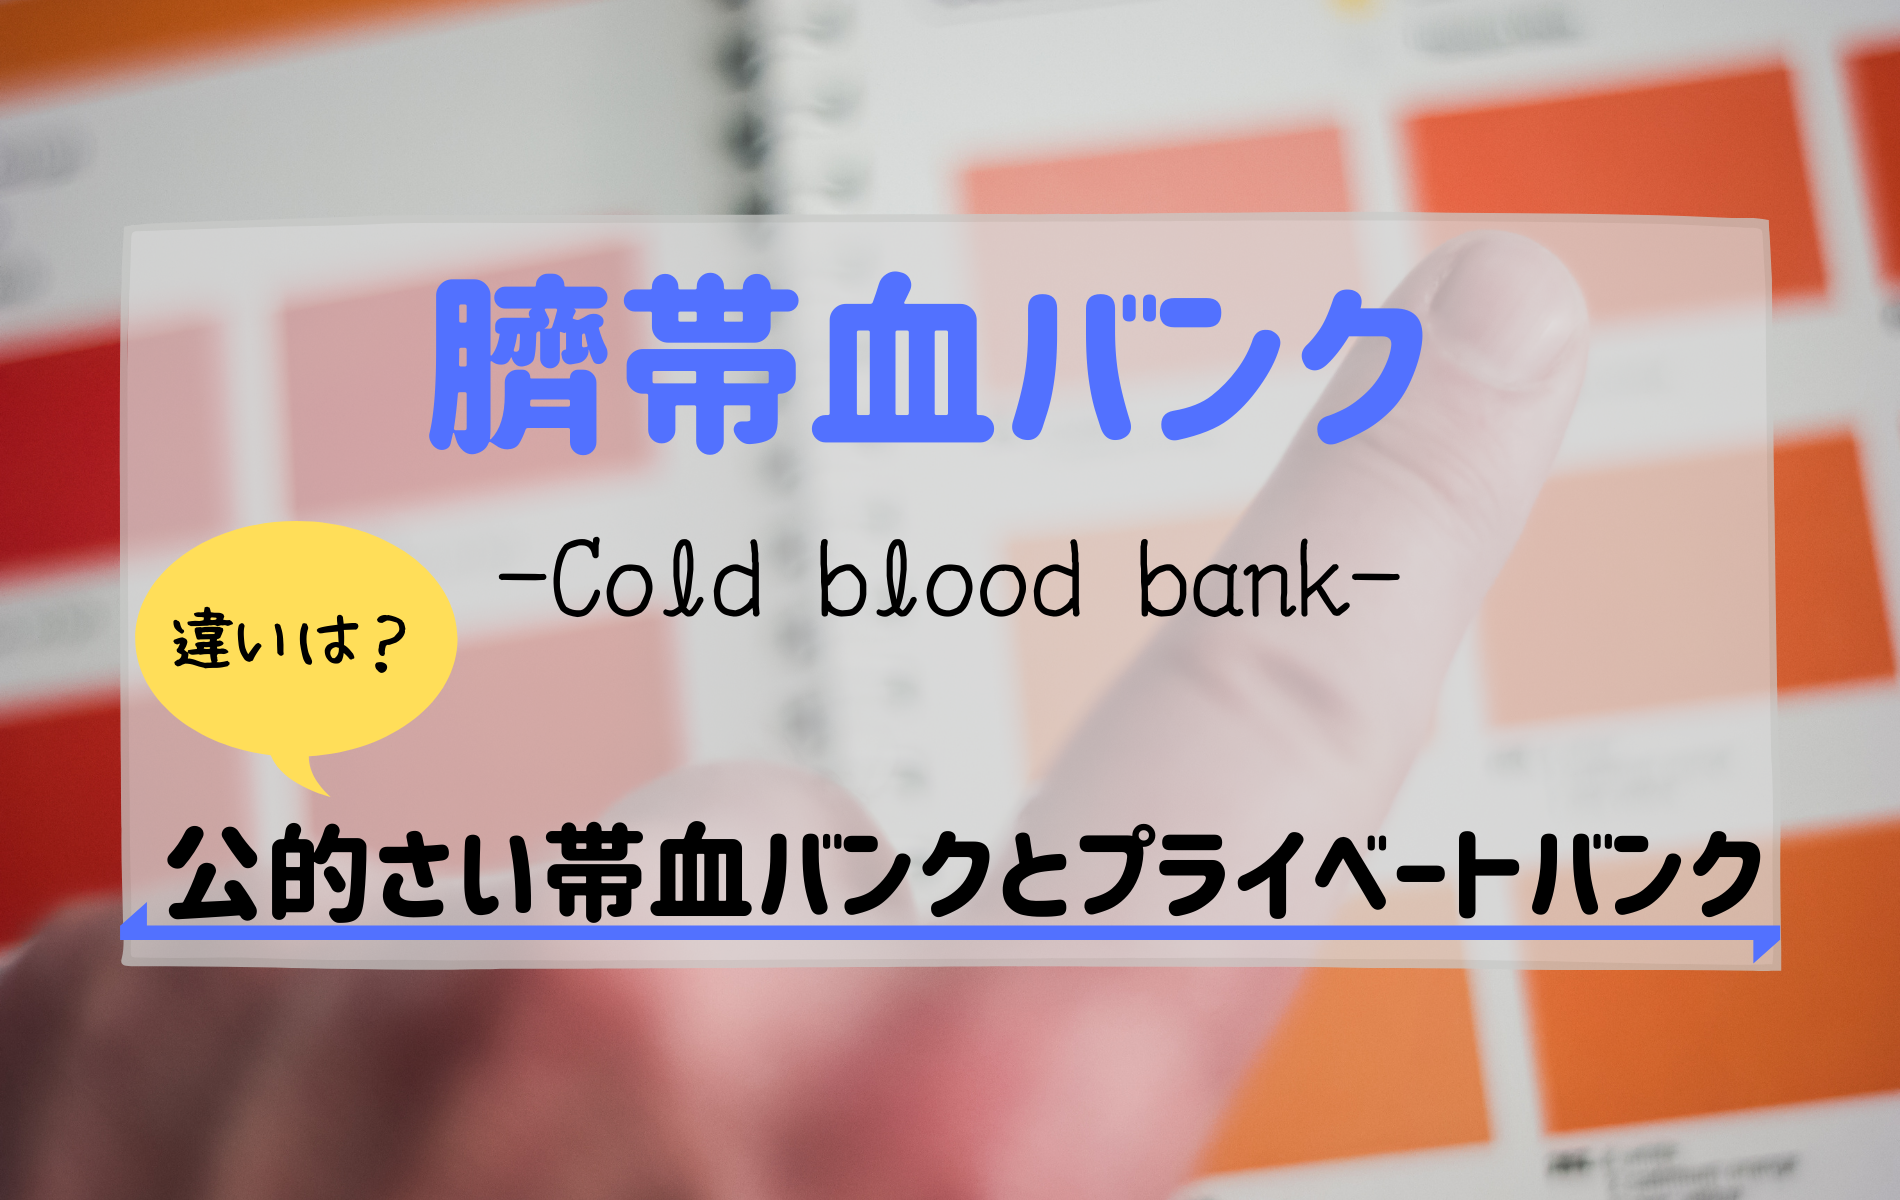 臍帯血バンク -Cold blood bank- 公的さい帯血バンクとプライベートバンク